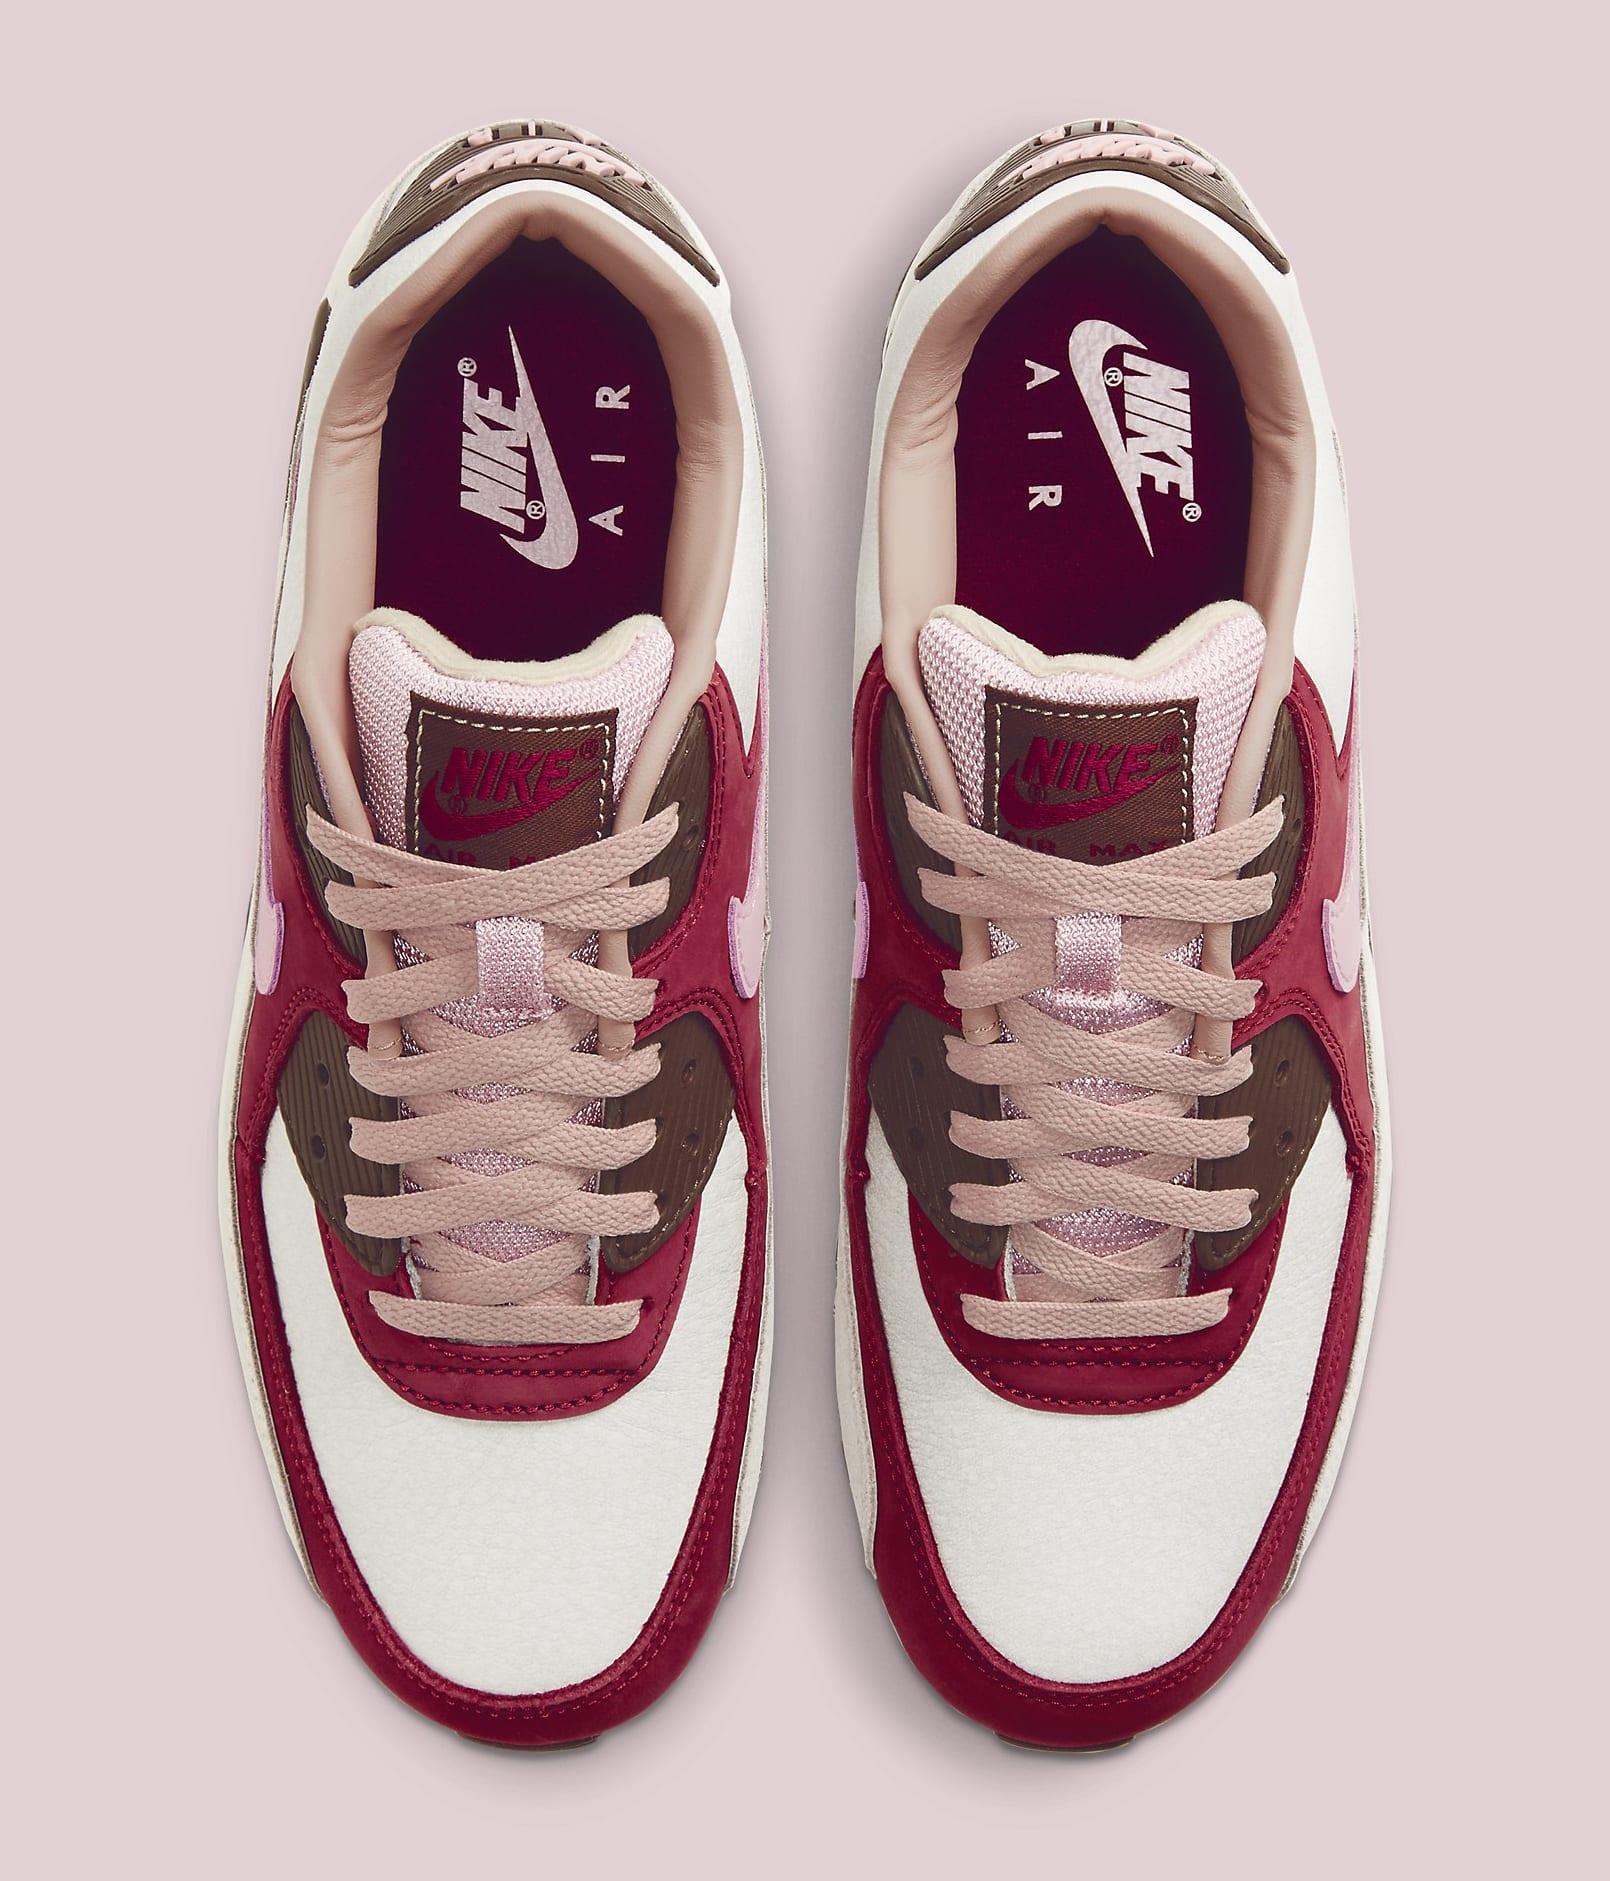 Nike Air Max 90 'Bacon' CU1816-100 Top